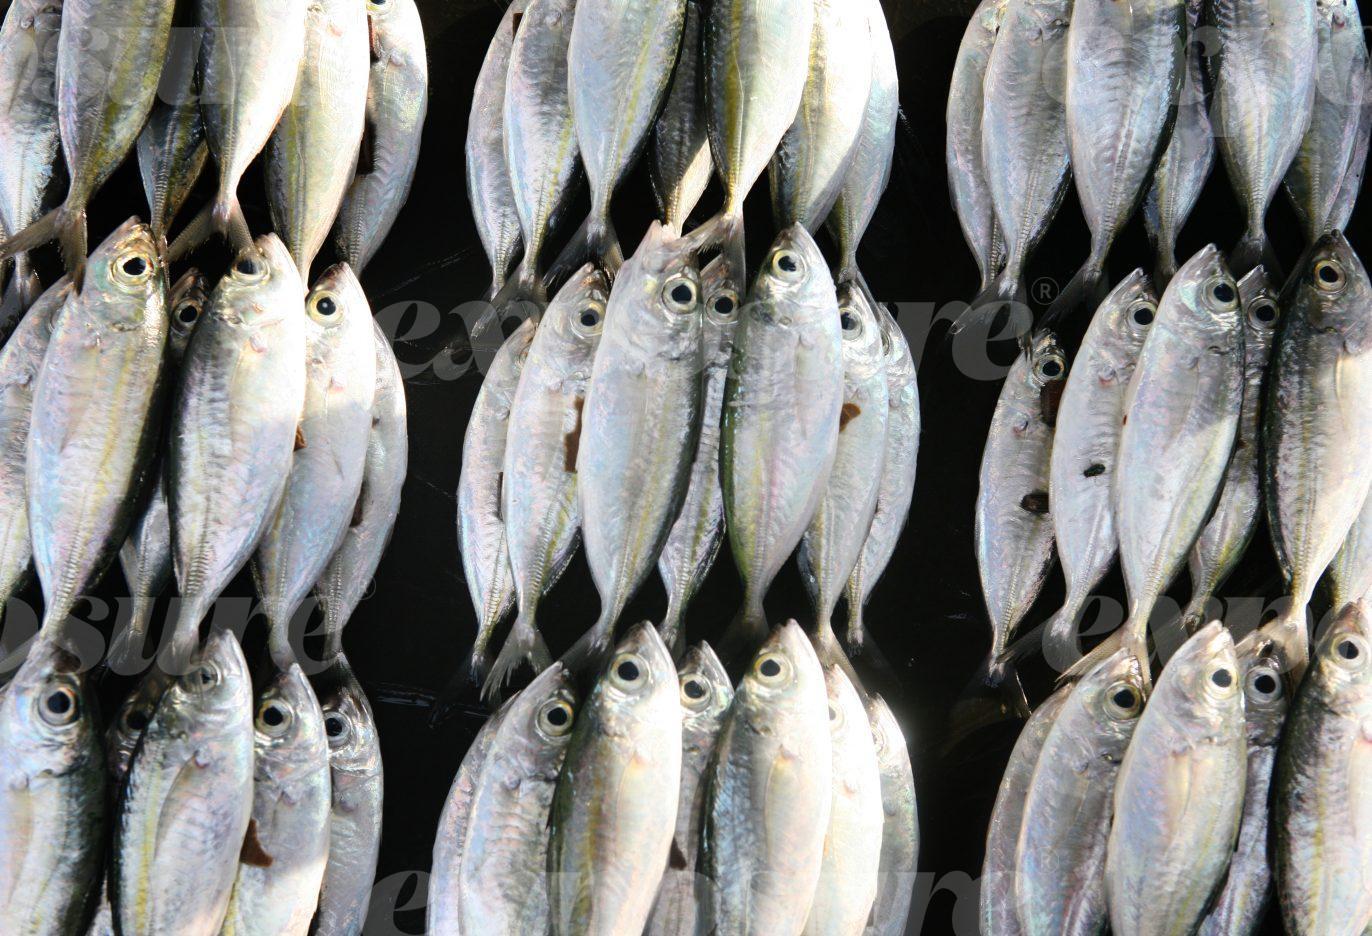 Fish hung up